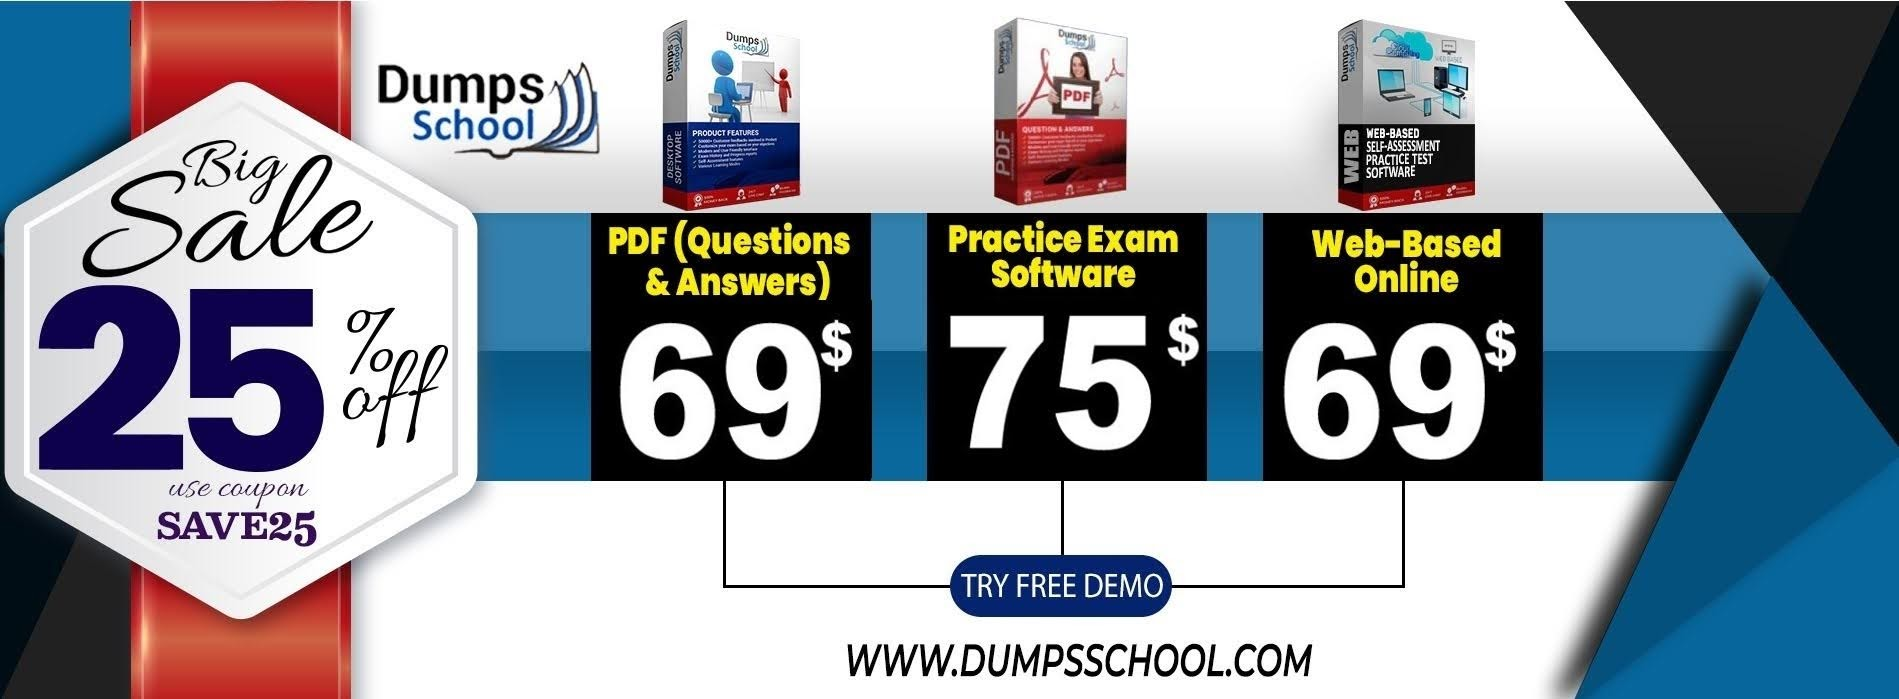 C_TS460_1809 PDF | C_TS460_1809 Questions | C_TS460_1809 Practice Test | C_TS460_1809 Dumps